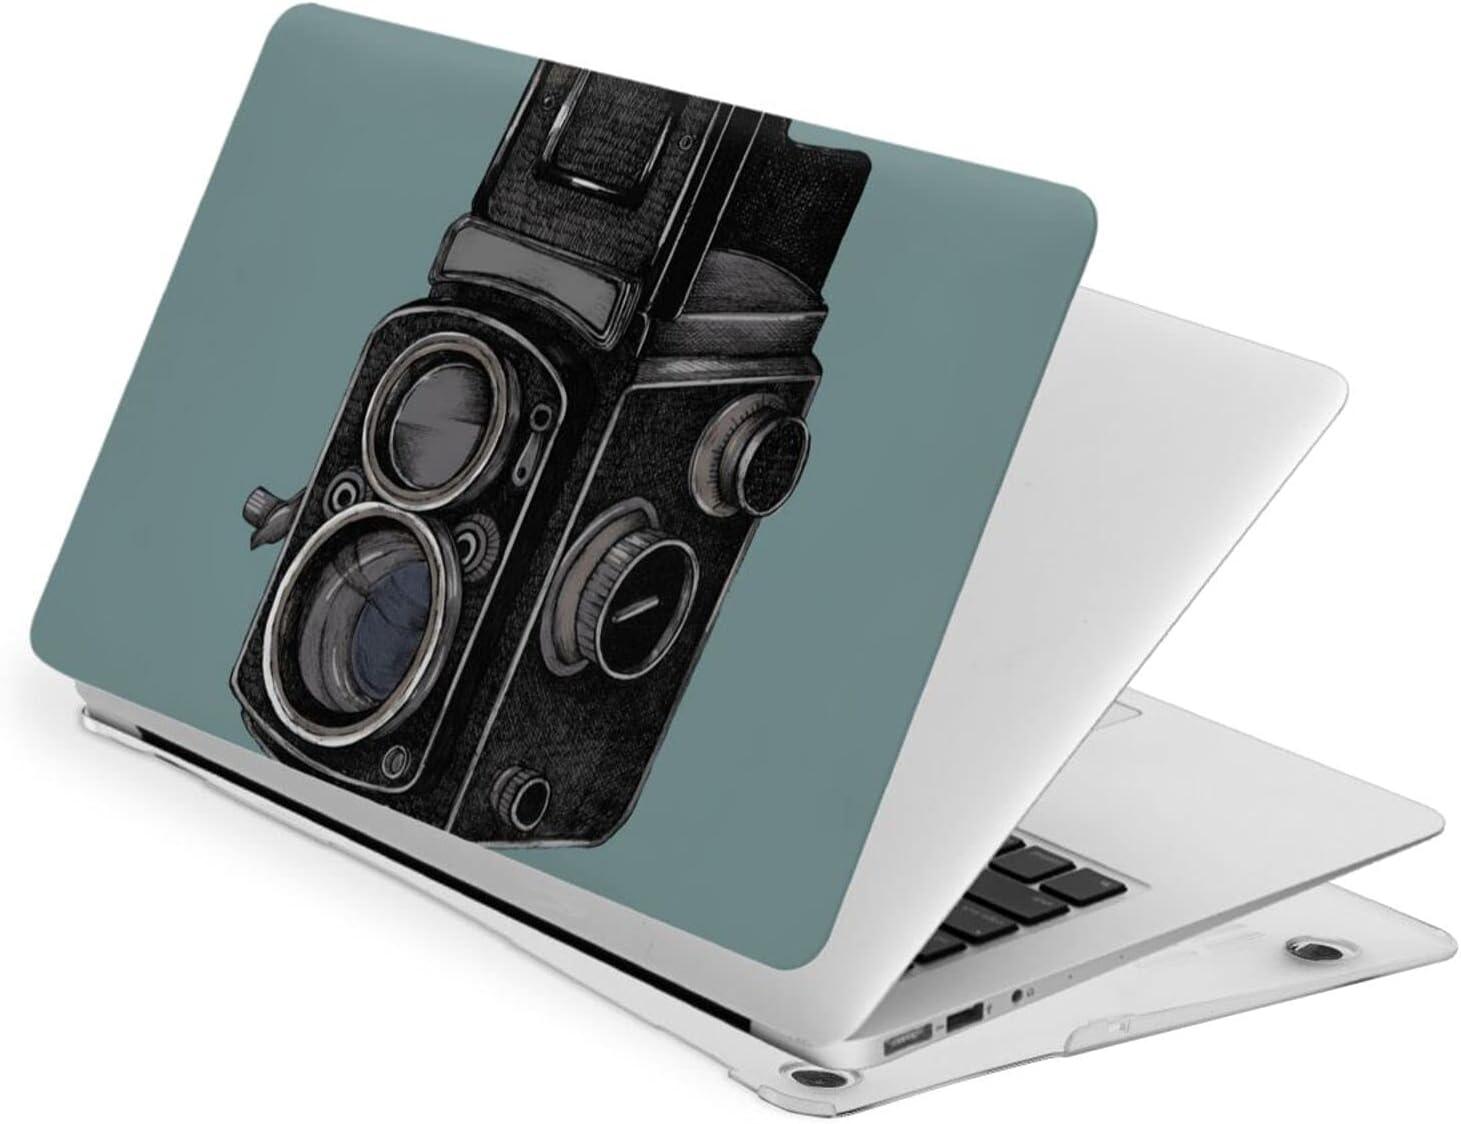 Retro Camera Max 77% OFF Compatible Max 65% OFF with MacBook Air 13 Case Relea Inch 2020